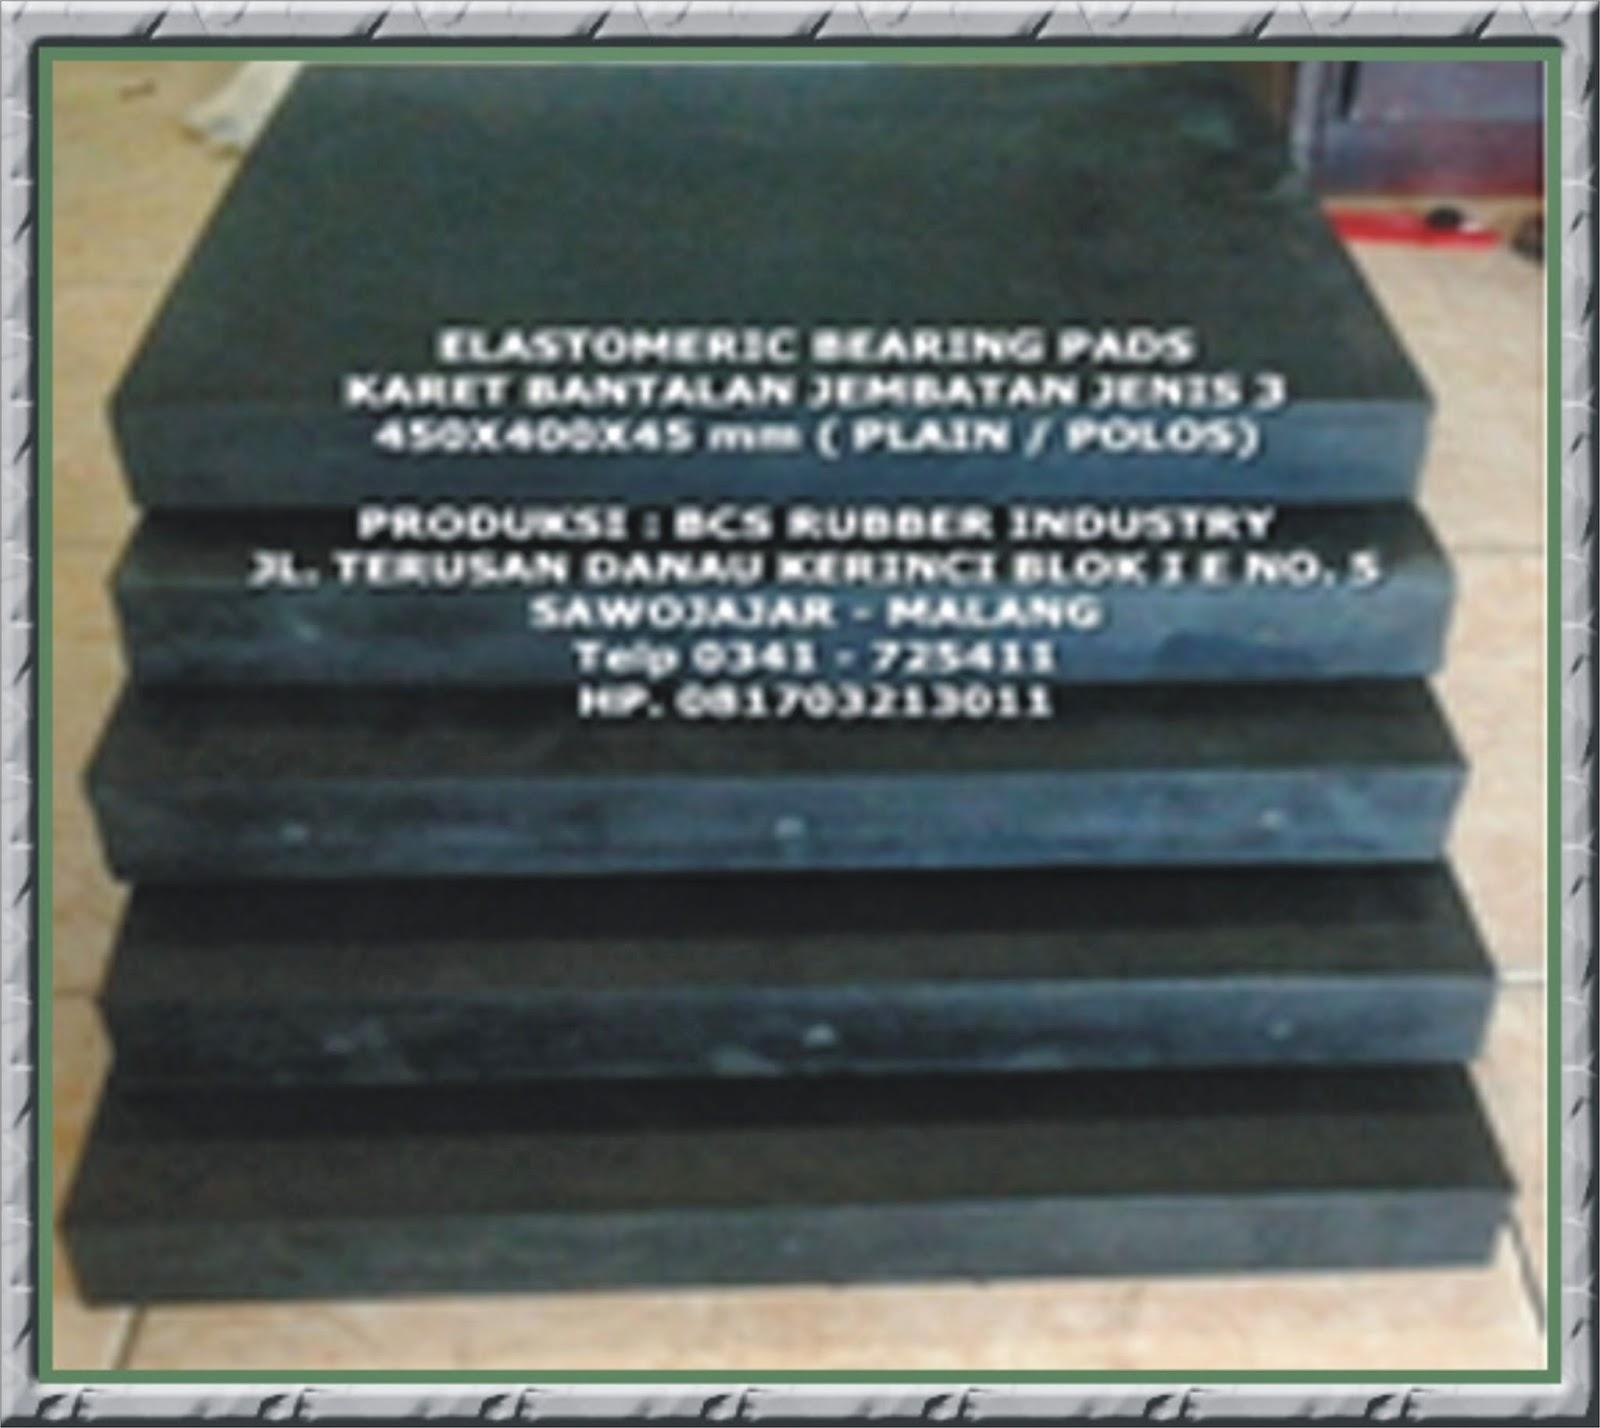 Elastomer Bearing Pads - Standart PU,Bantalan Jembatan,Karet Bantalan Jembatan.Elastomeric Bearing Pads